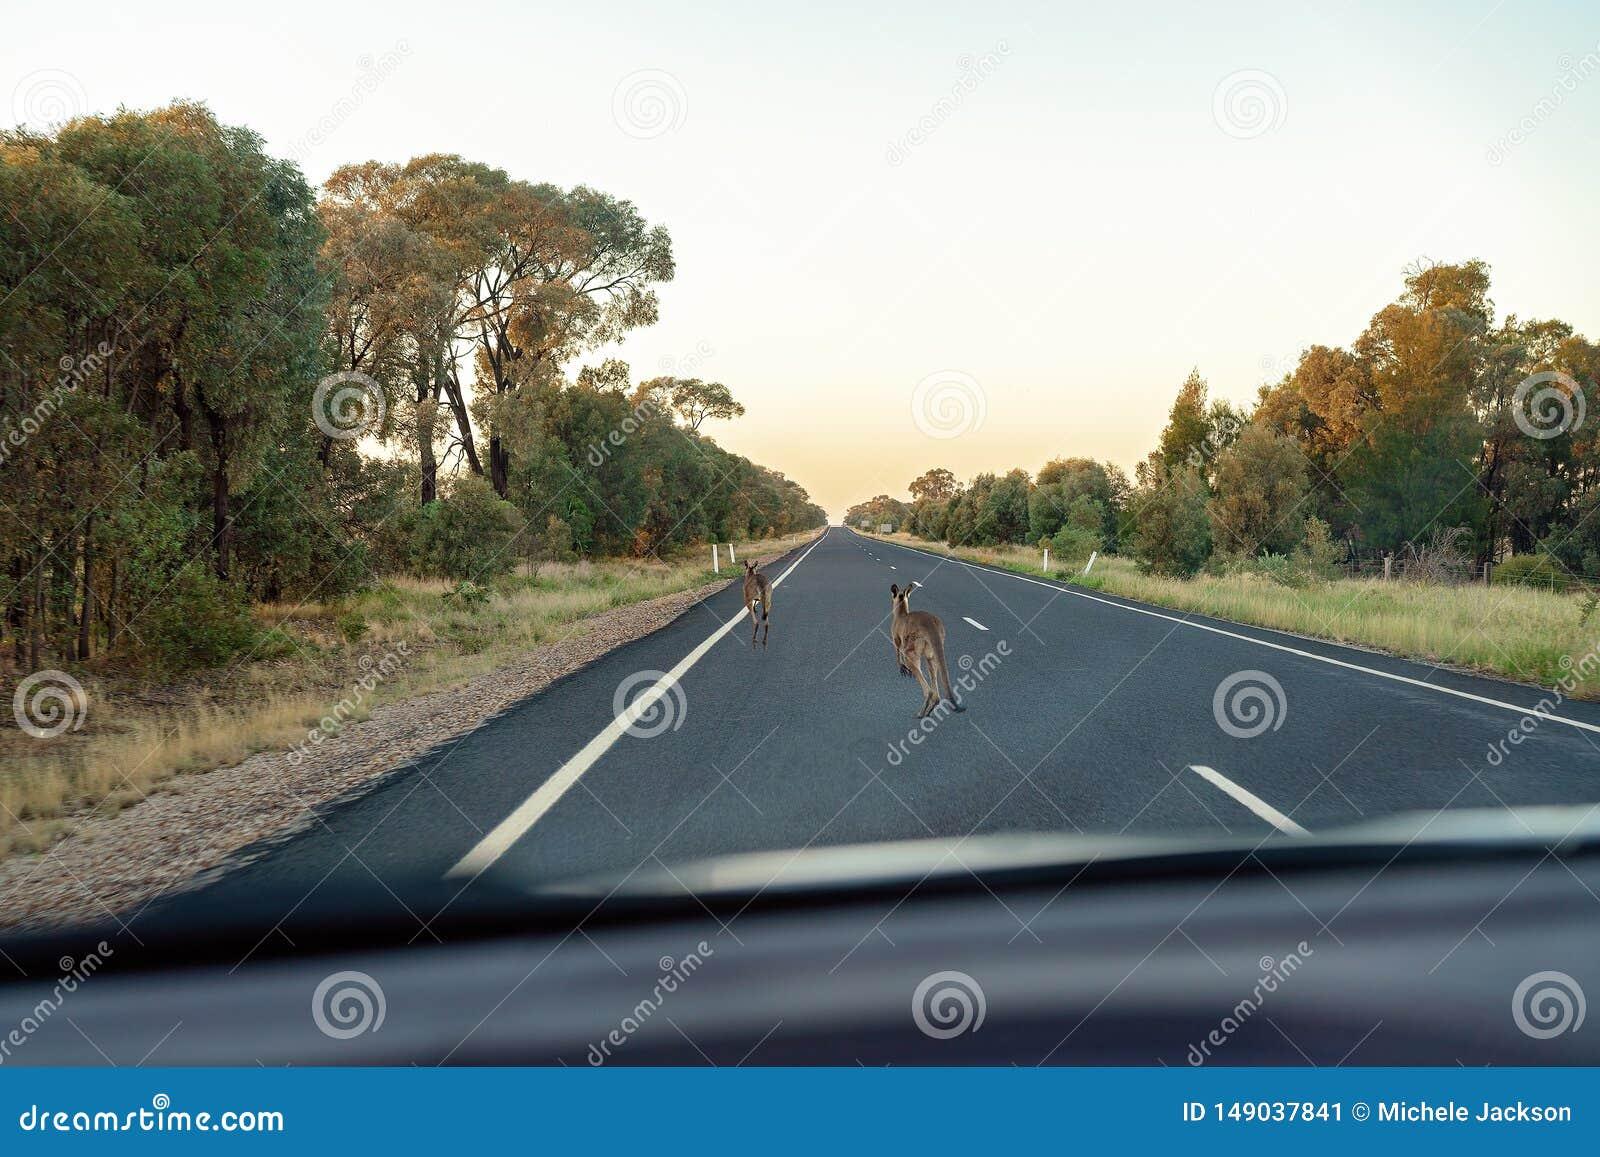 De Australische Kangoeroes zouden niet op de Weg moeten zijn